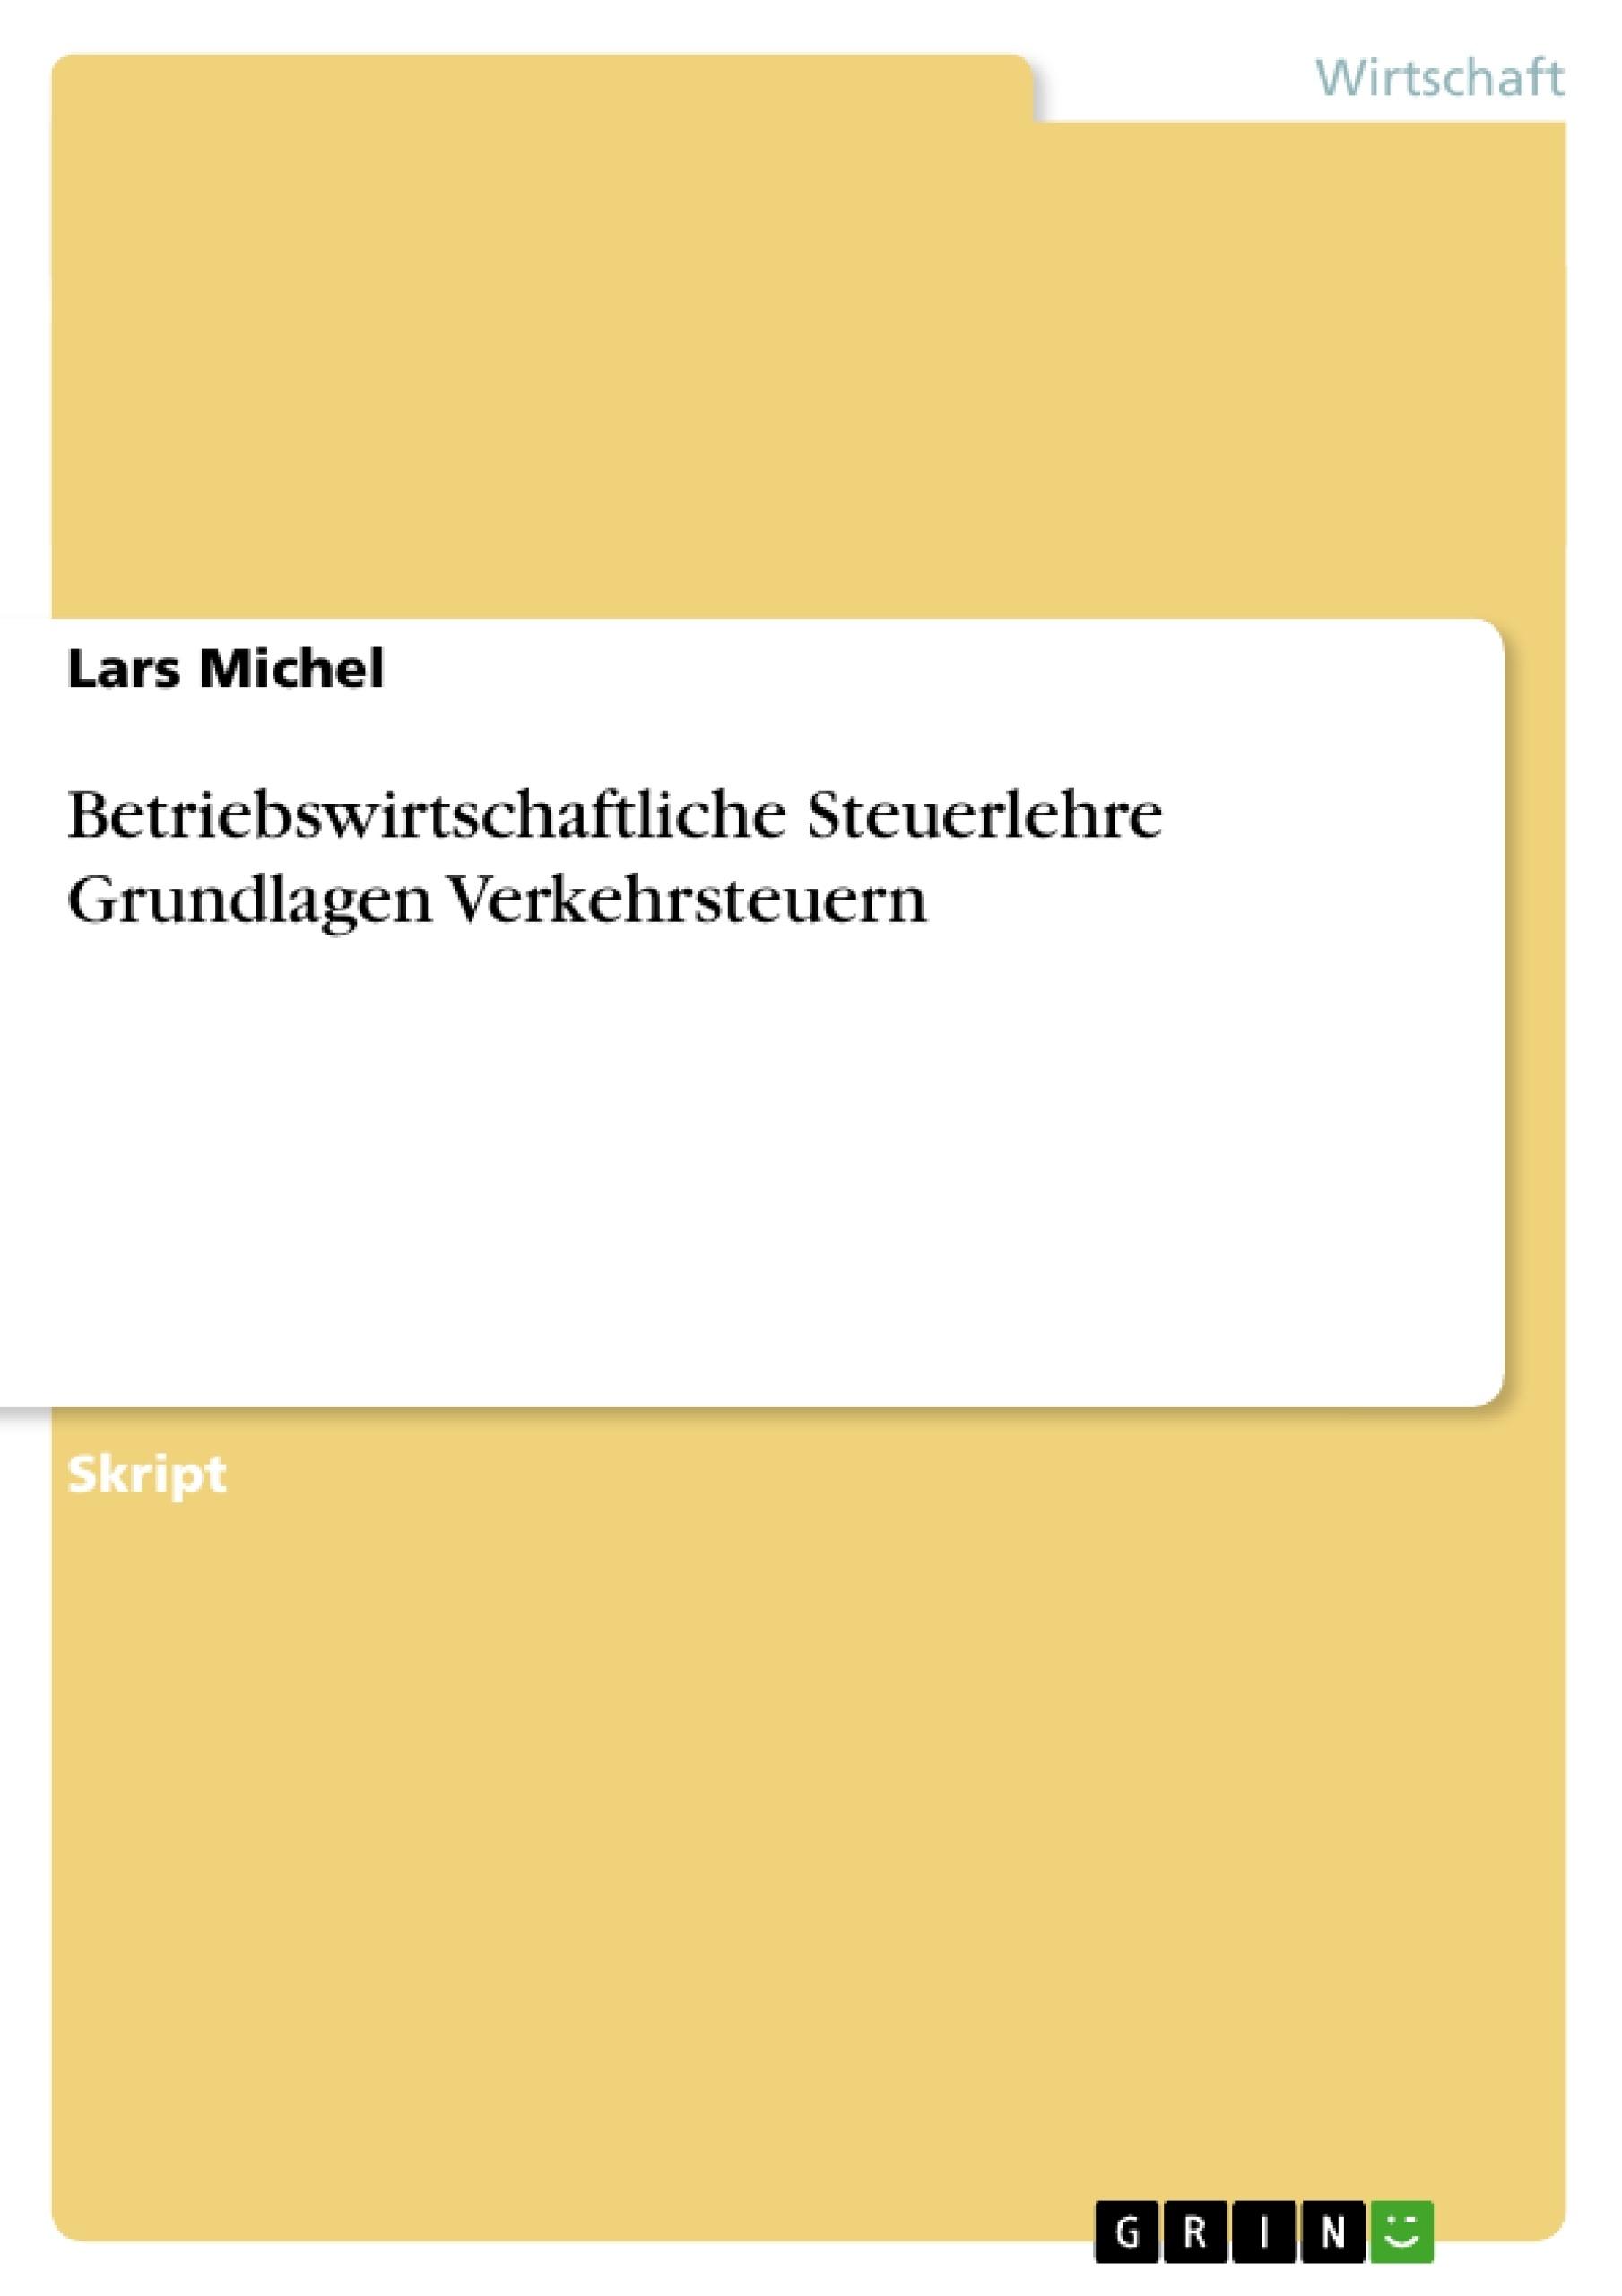 Titel: Betriebswirtschaftliche Steuerlehre Grundlagen Verkehrsteuern